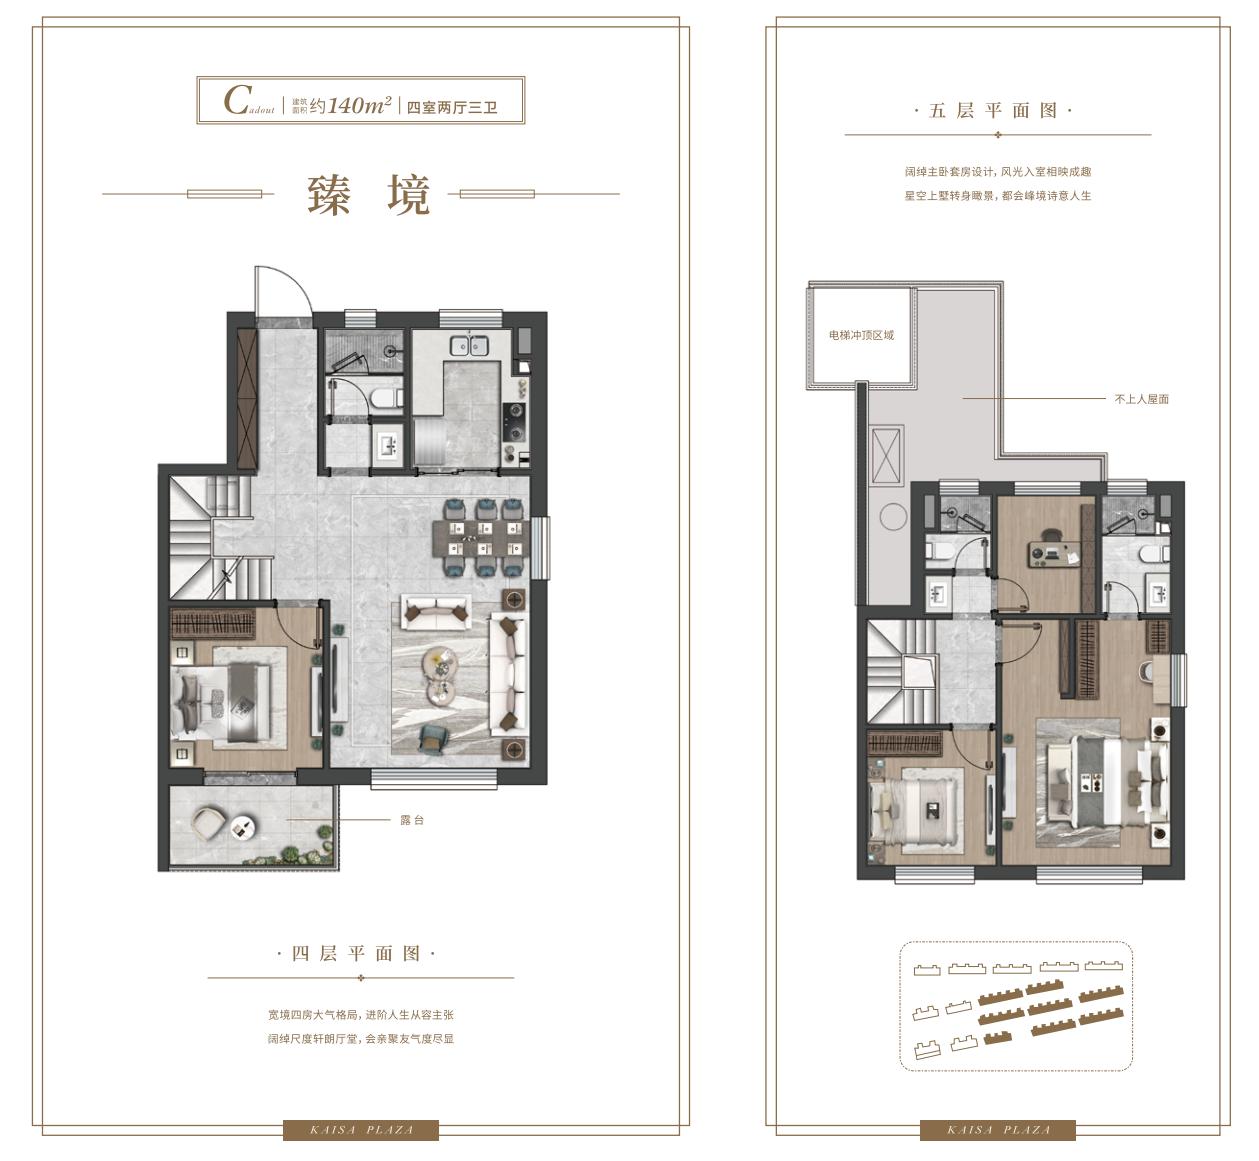 上海佳兆业城市广场户型图